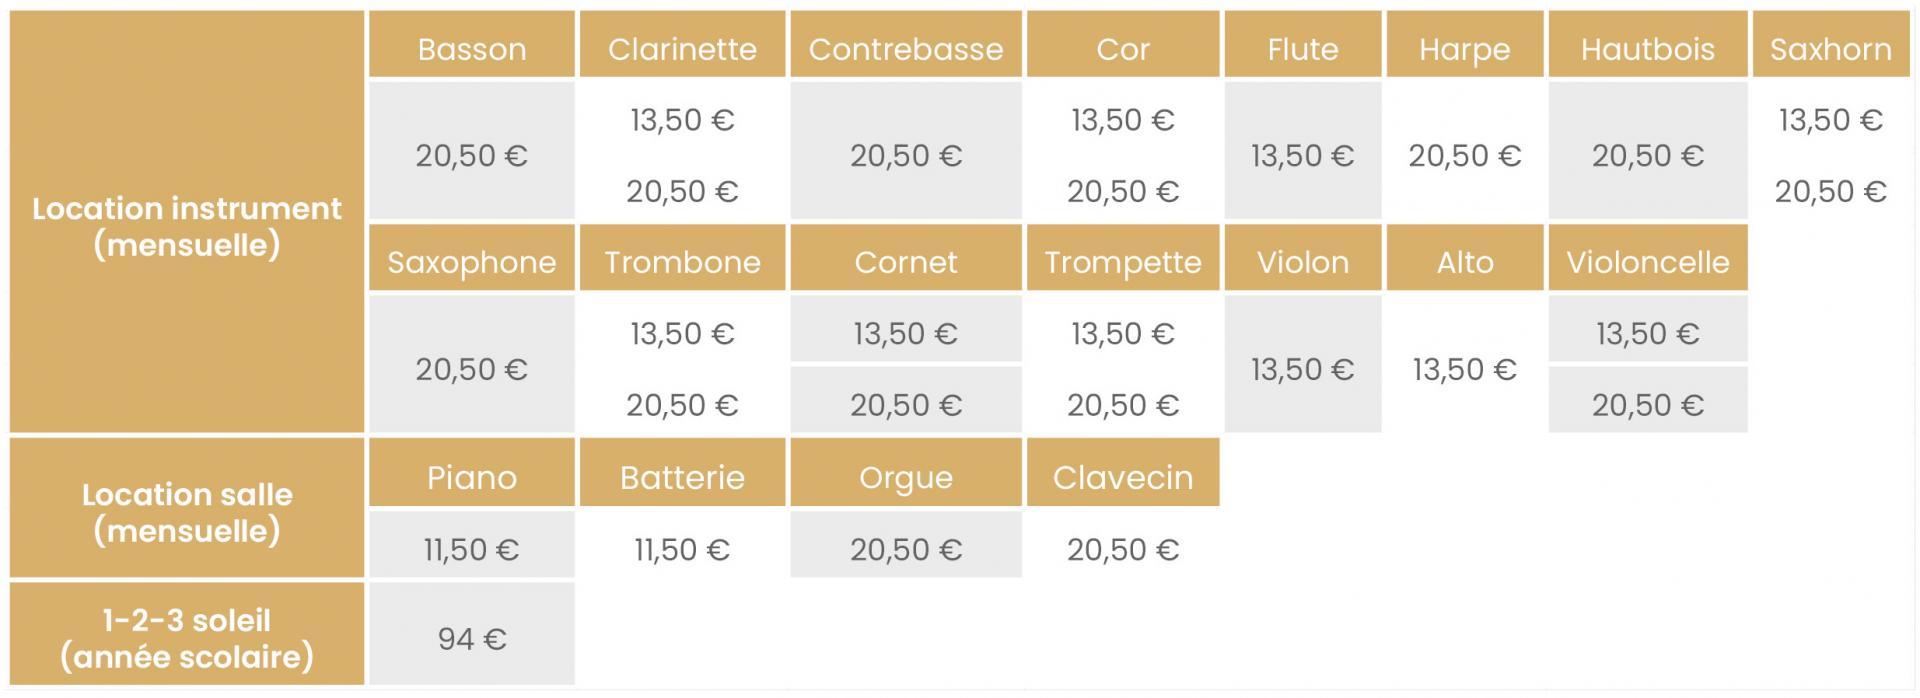 Conservatoire de musique de Compiègne tarifs